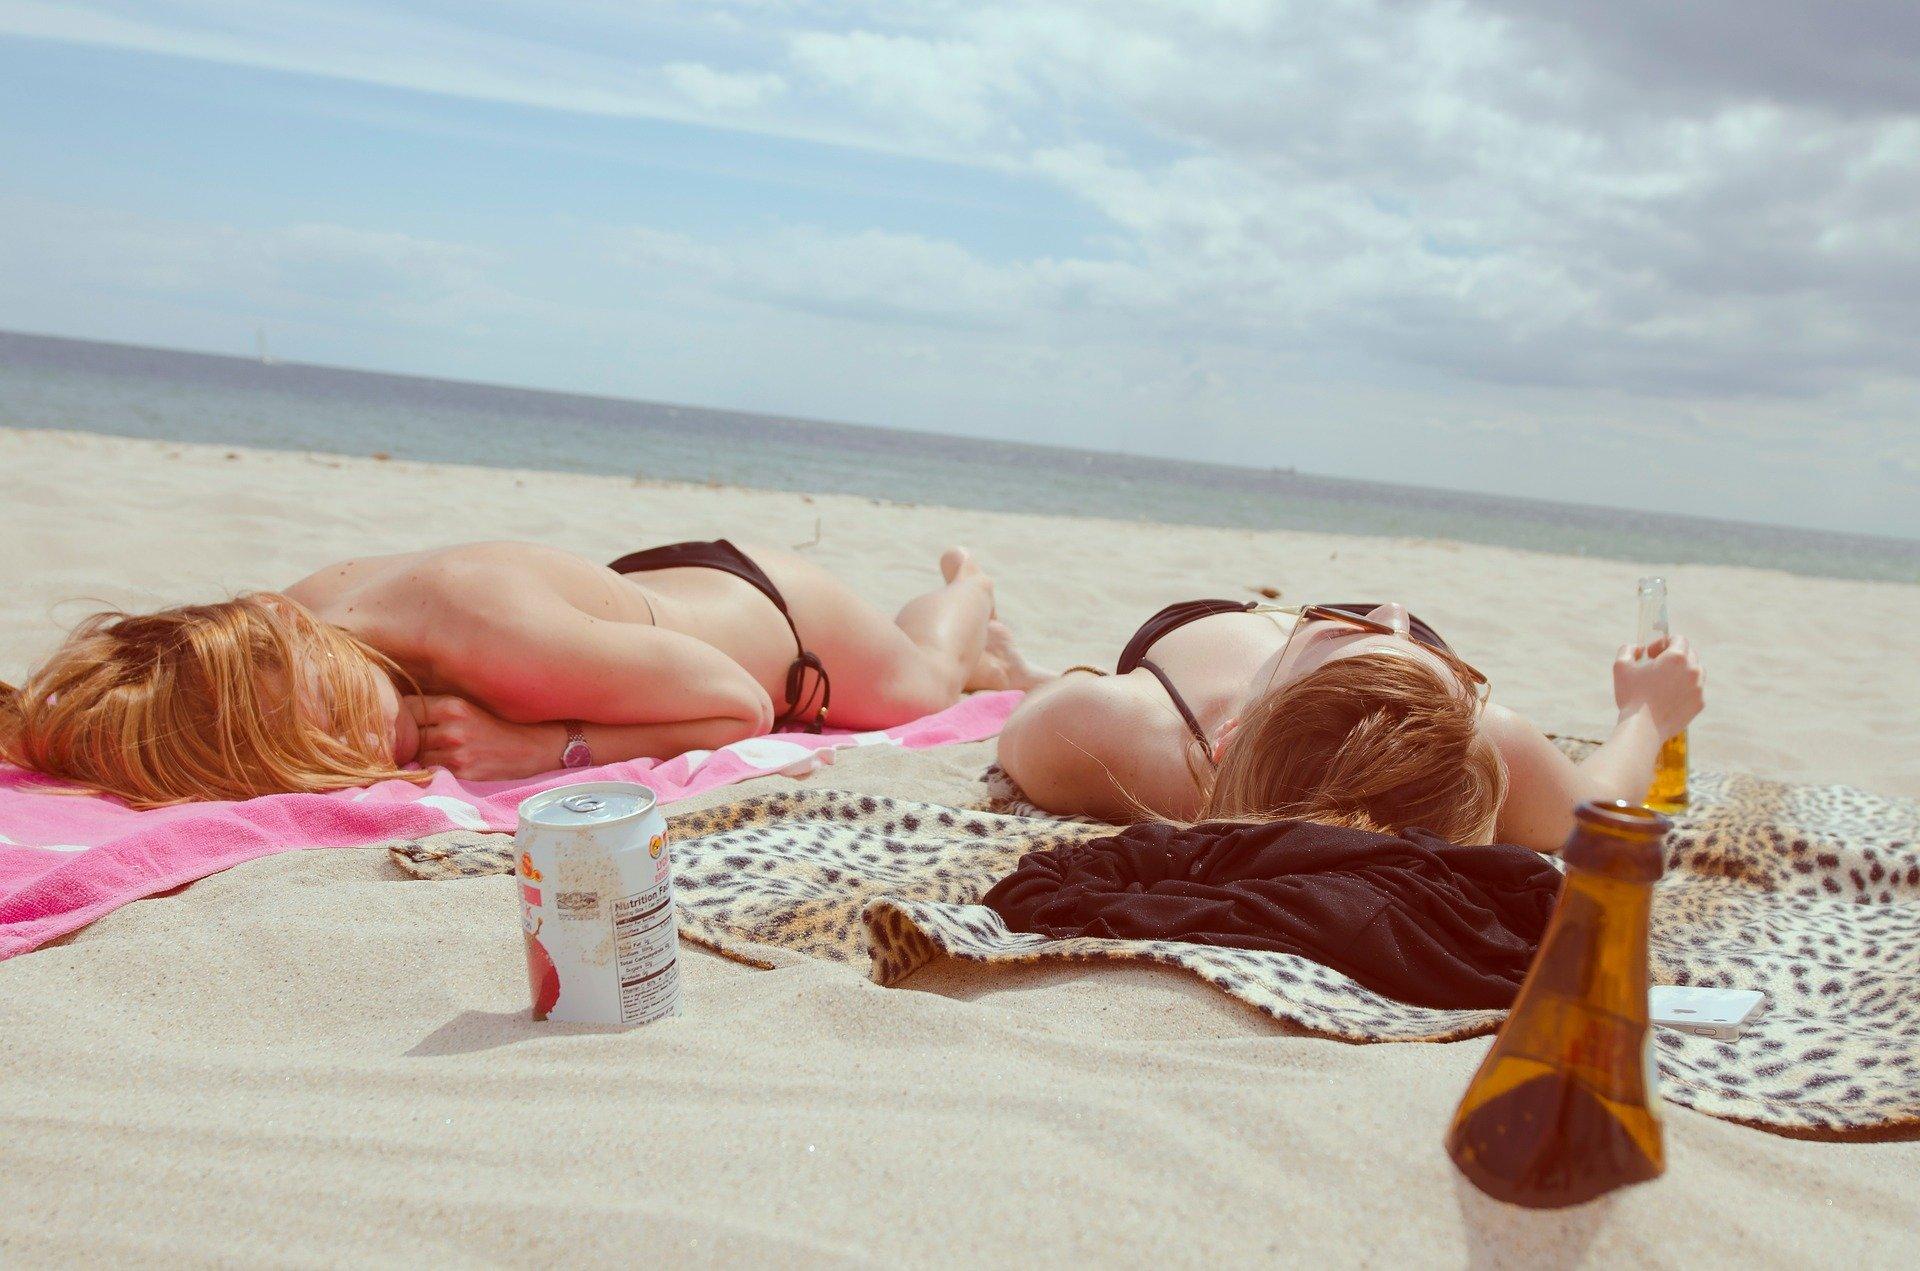 Beber alcohol en verano es peligroso para la salud.